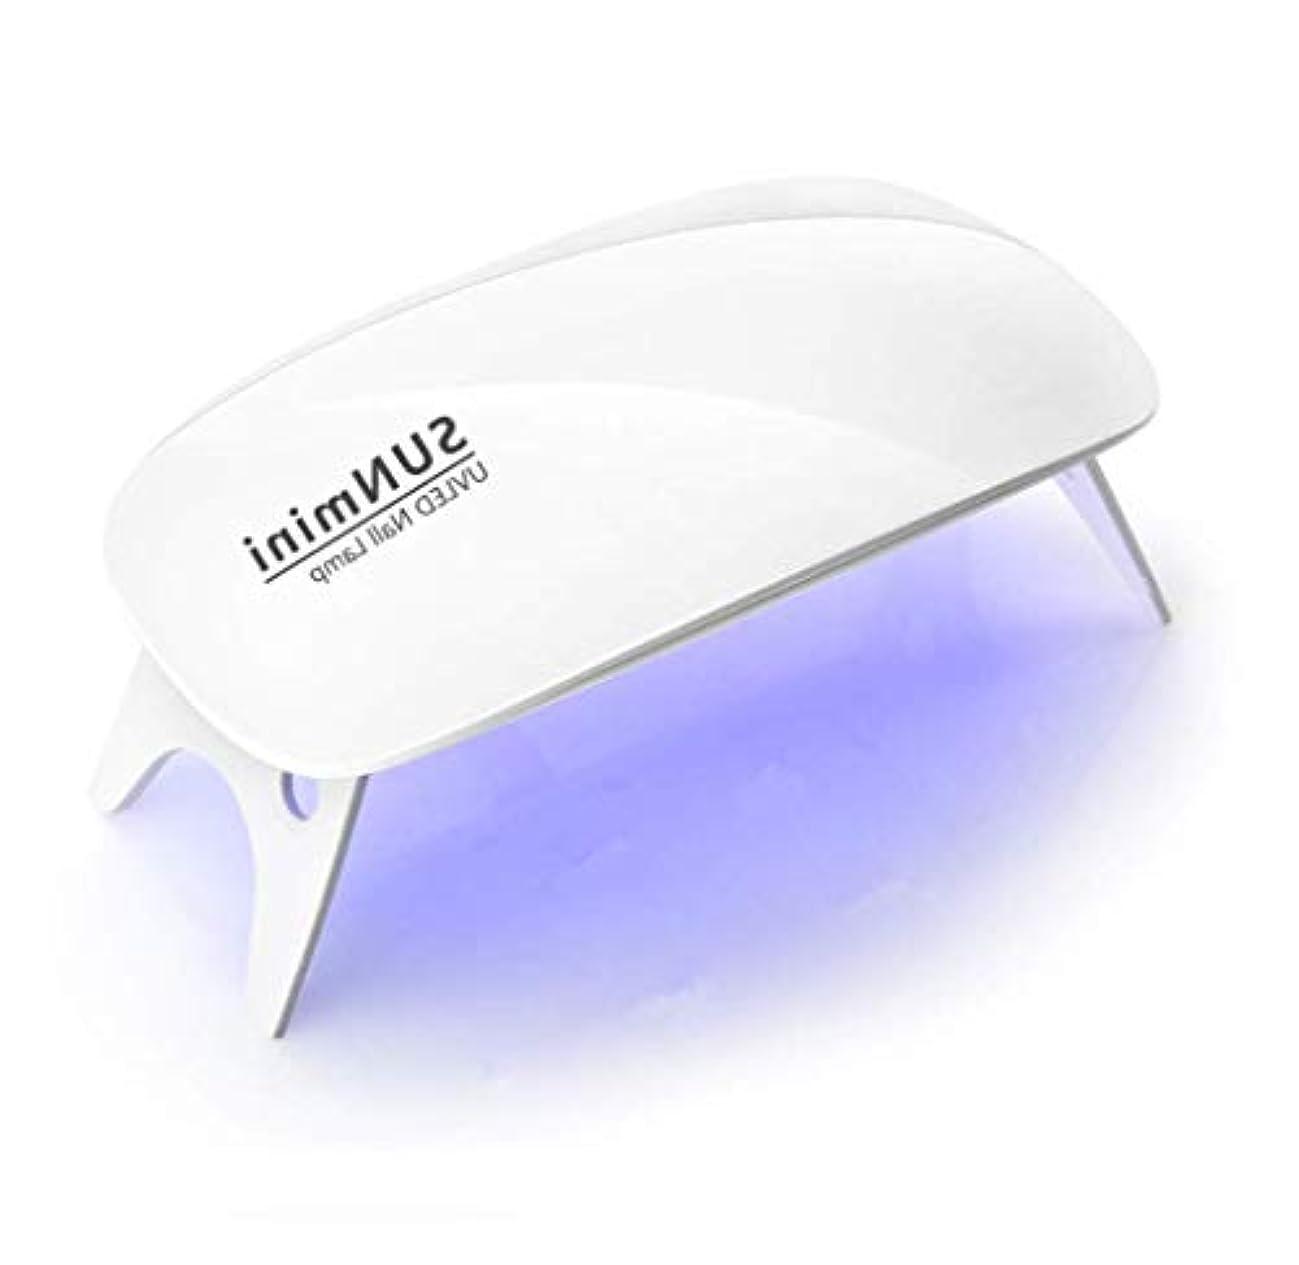 エージェント電池真剣にLEDネイルドライヤー UV とLEDダブルライト ジェルネイル用 ホワイト UVライト 折りたたみ式 設定可能 タイマー ジェルネイル LED 硬化ライト ホワイト